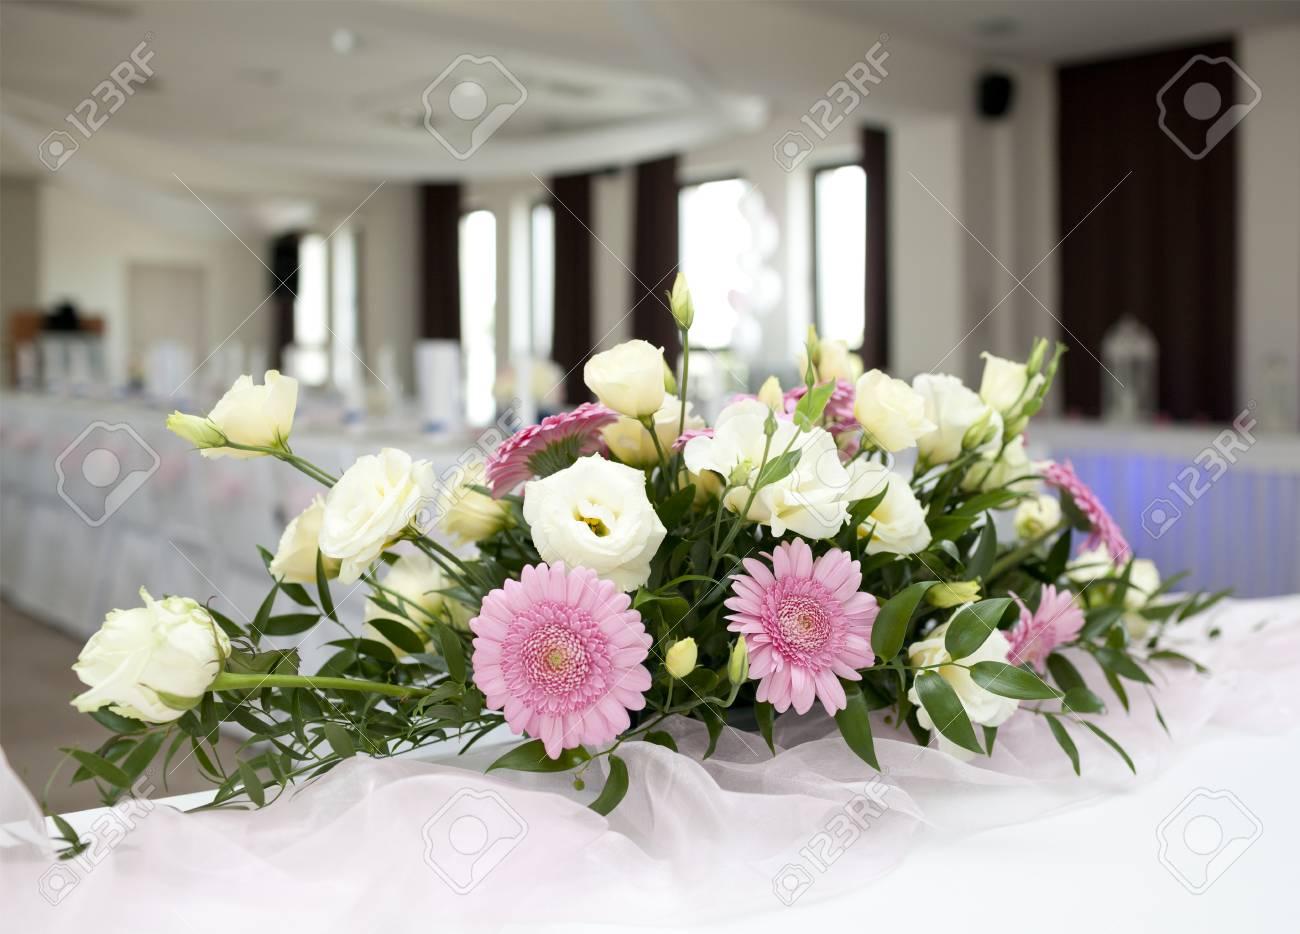 Hochzeit Tabelle Mit Blumenstrauss Von Gerbera Blumen Lizenzfreie